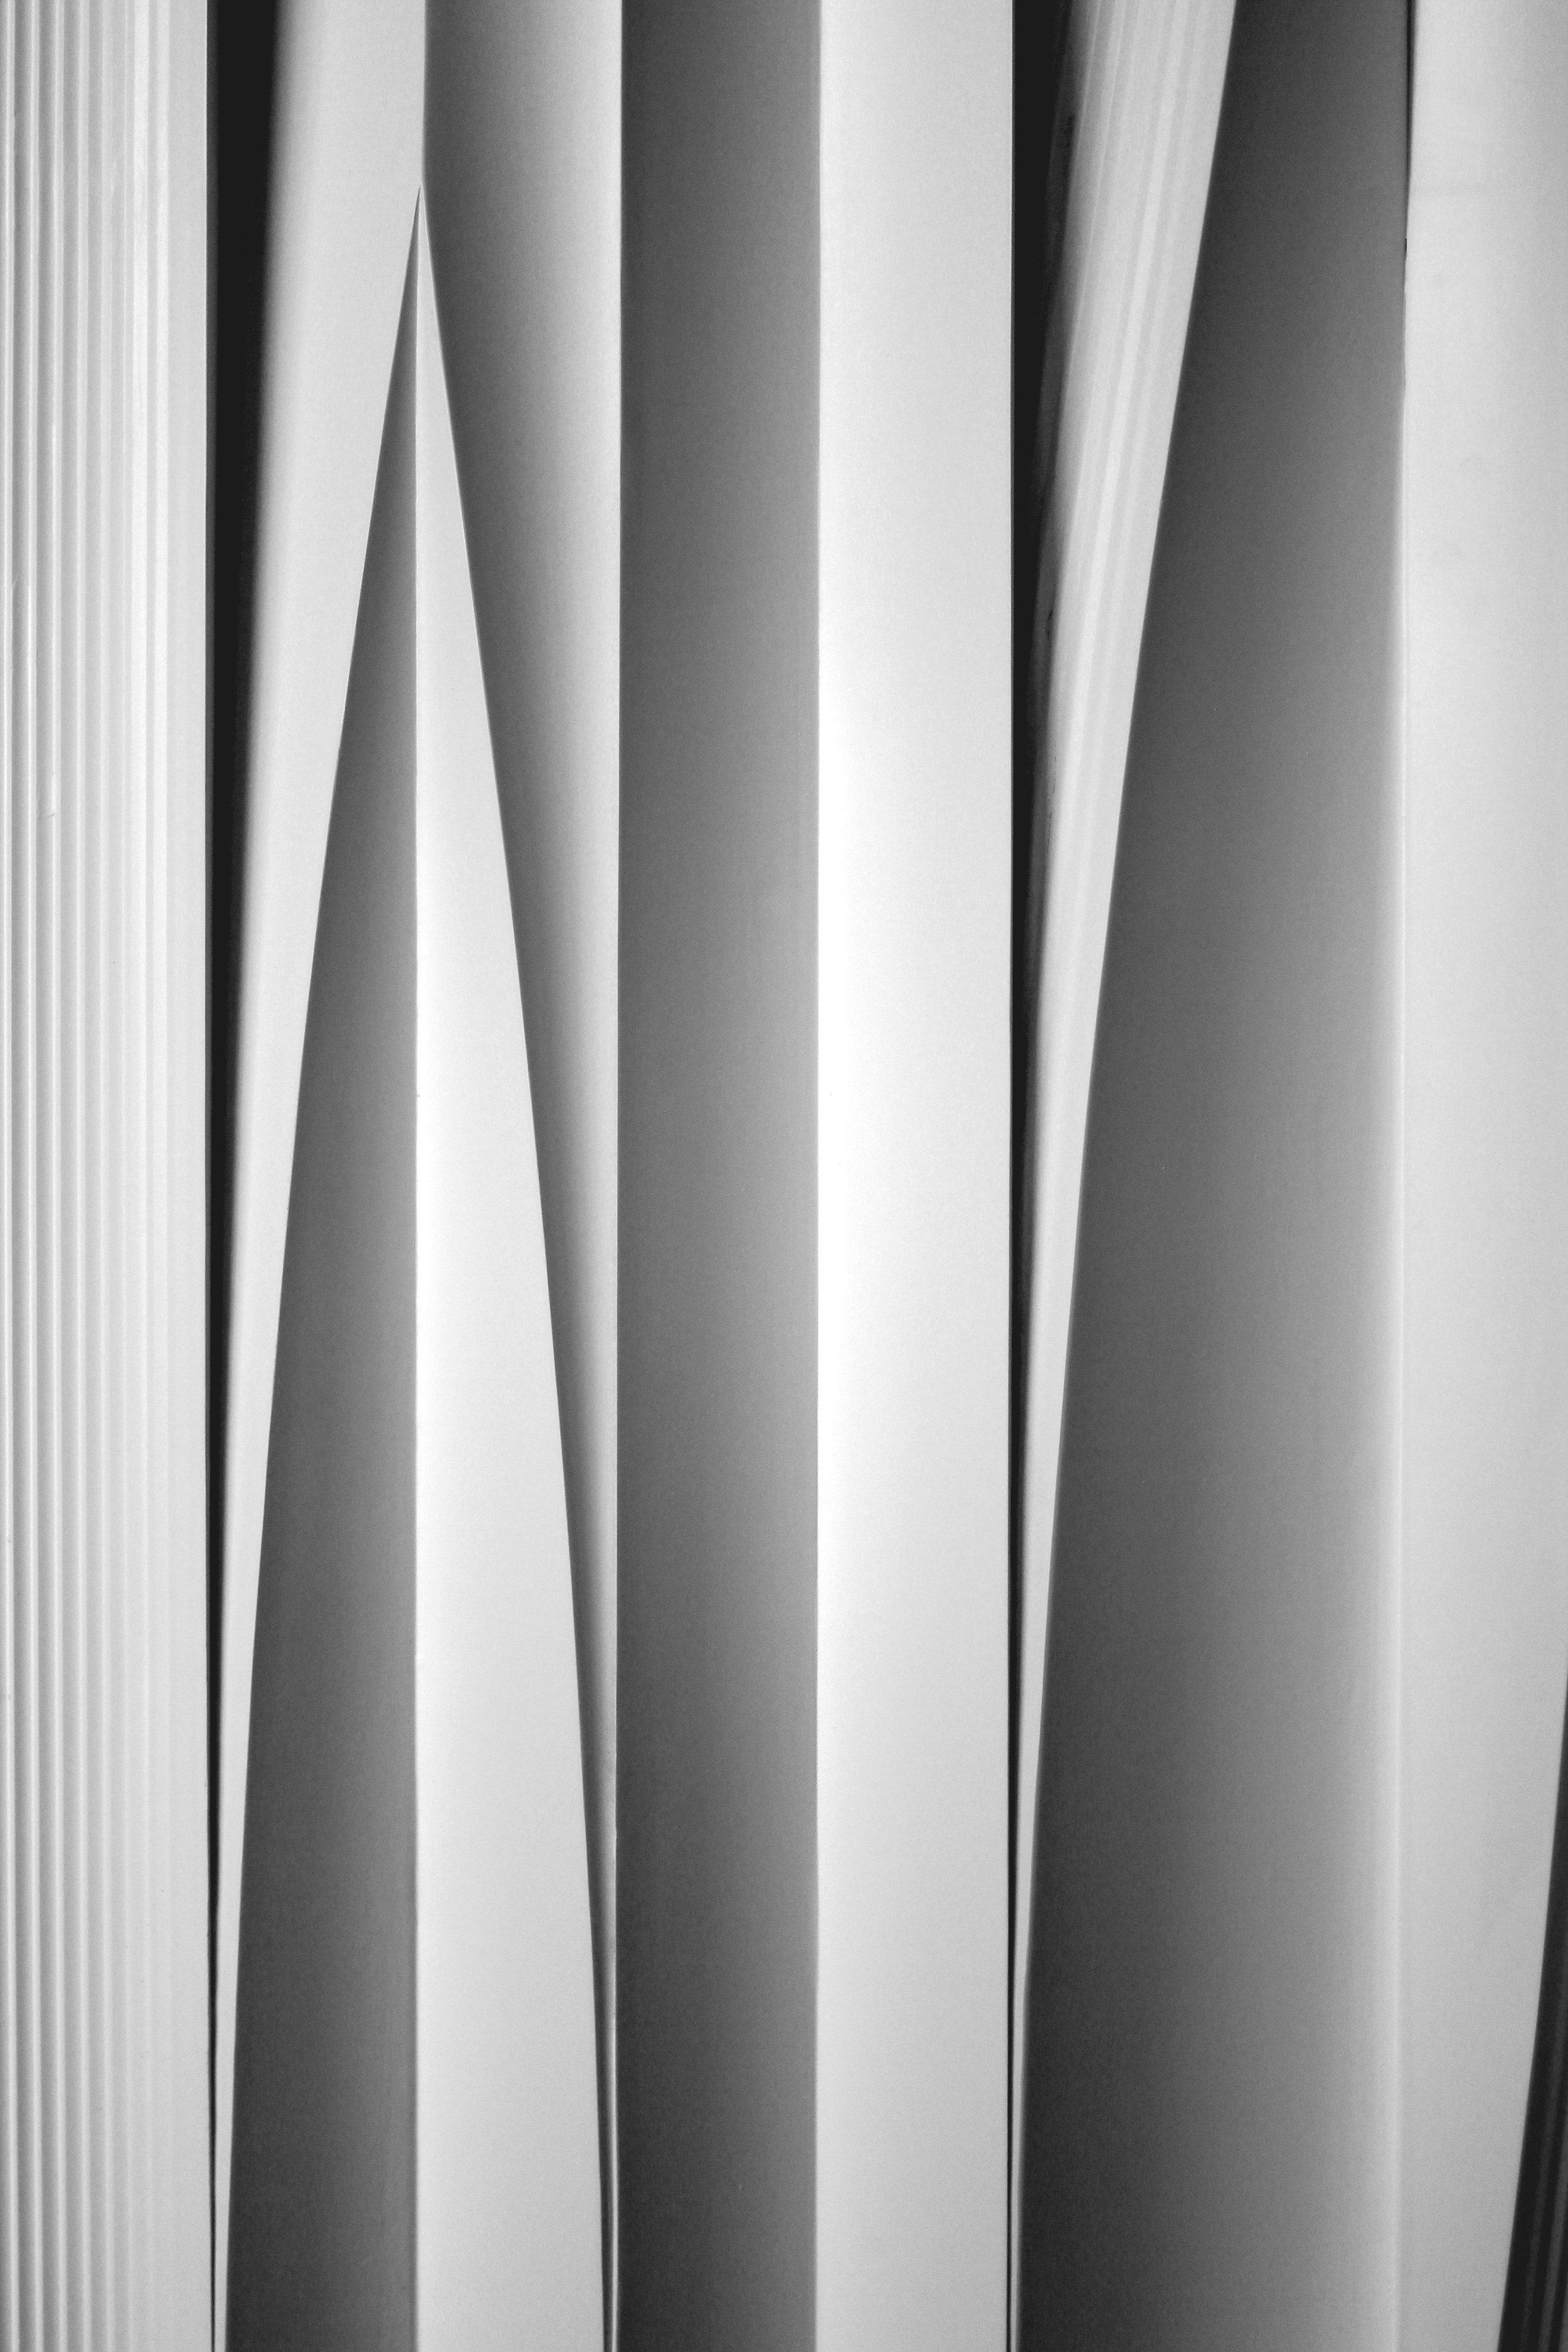 90WB_Plaster Detail.jpg